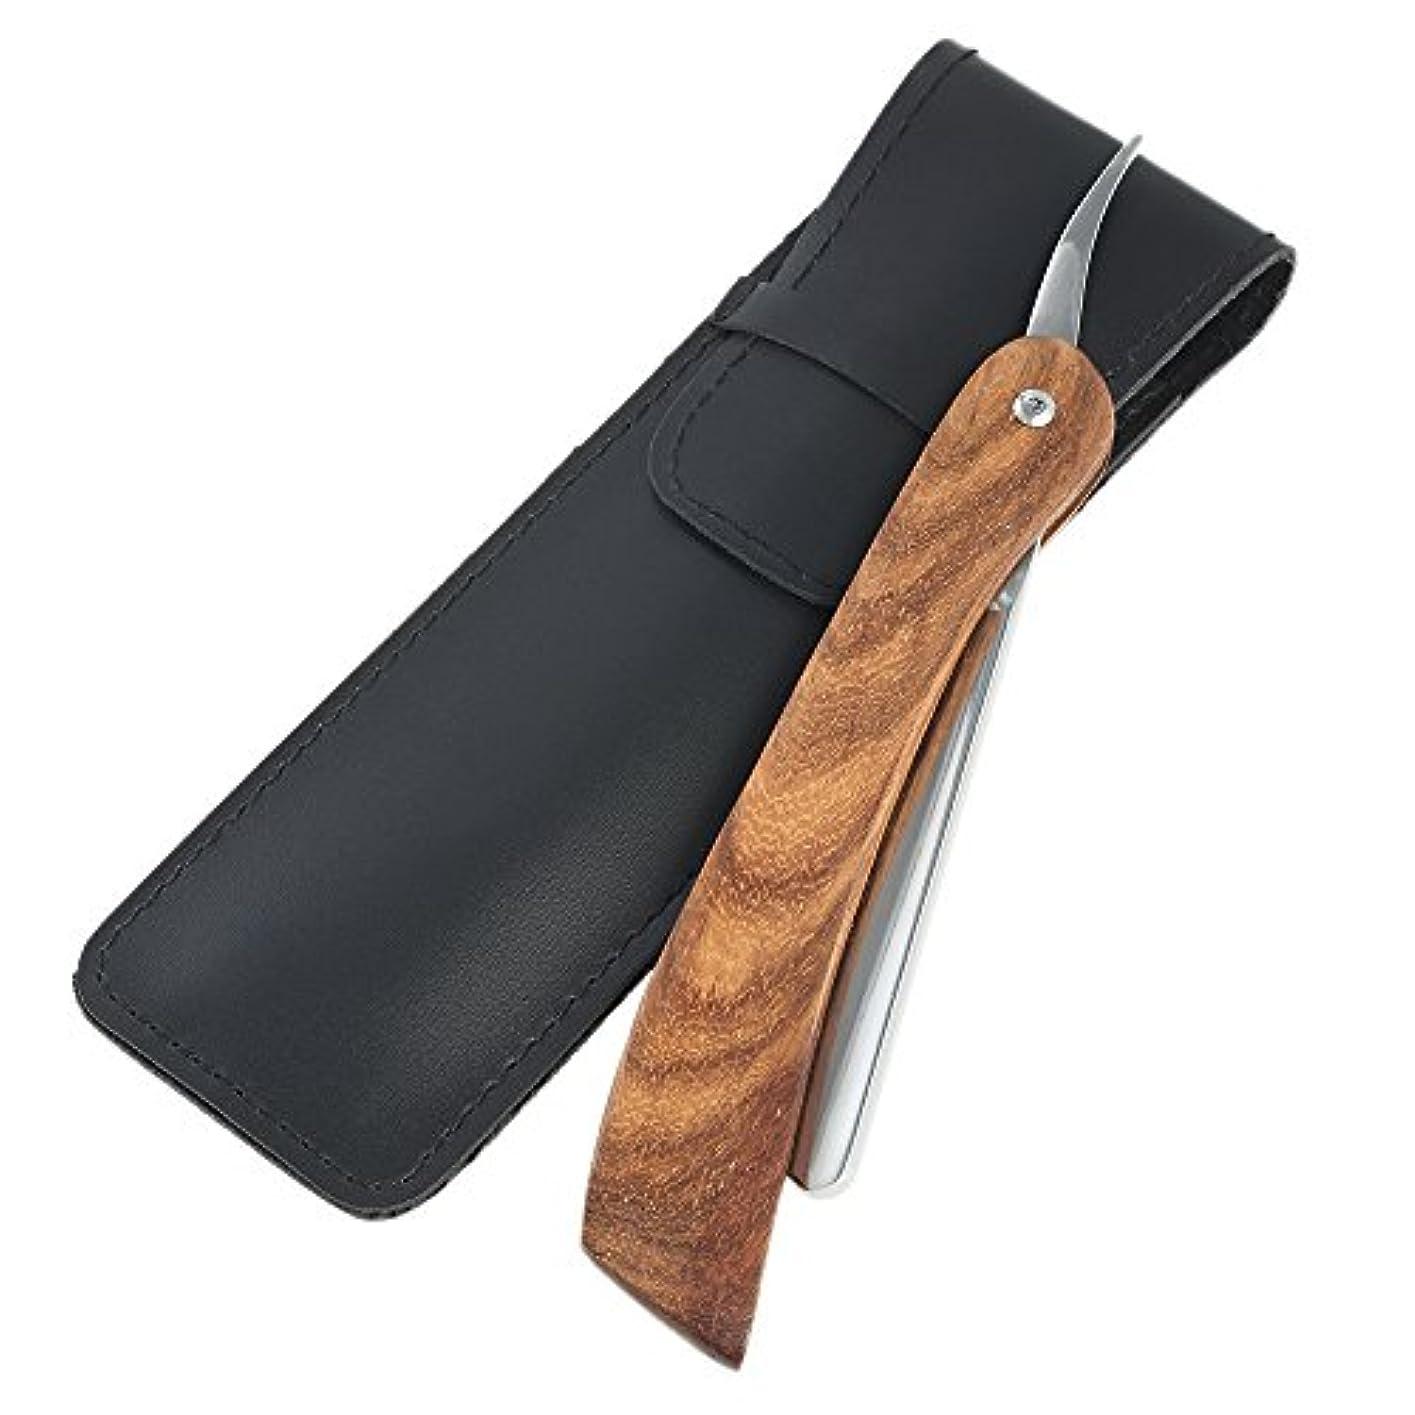 全体仕事に行く低下理容カミソリ ヴィンテージ木製ハンドル 折りたたみナイフ クラシックサロンの理髪師ストレートスロートシェービング剃刀シェービングヘアカットツール